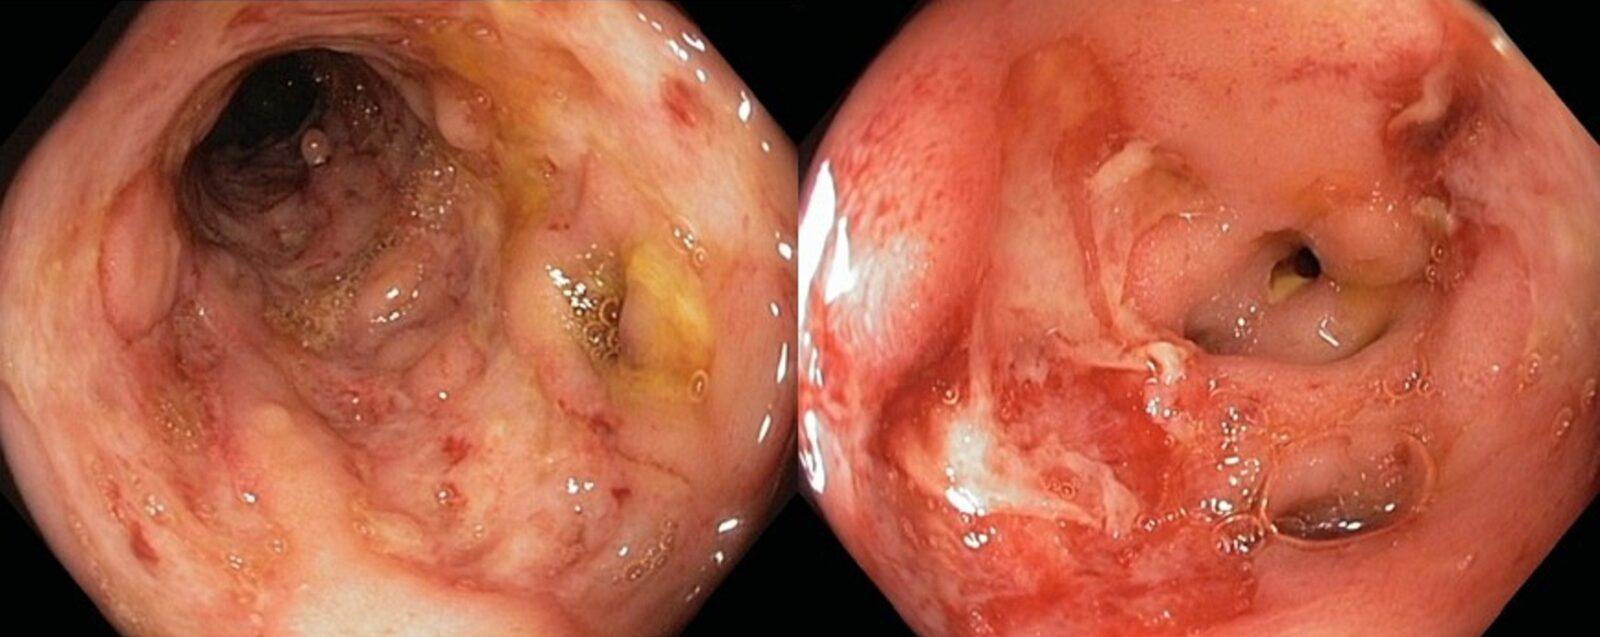 Фото кишечника с болезнью Крона